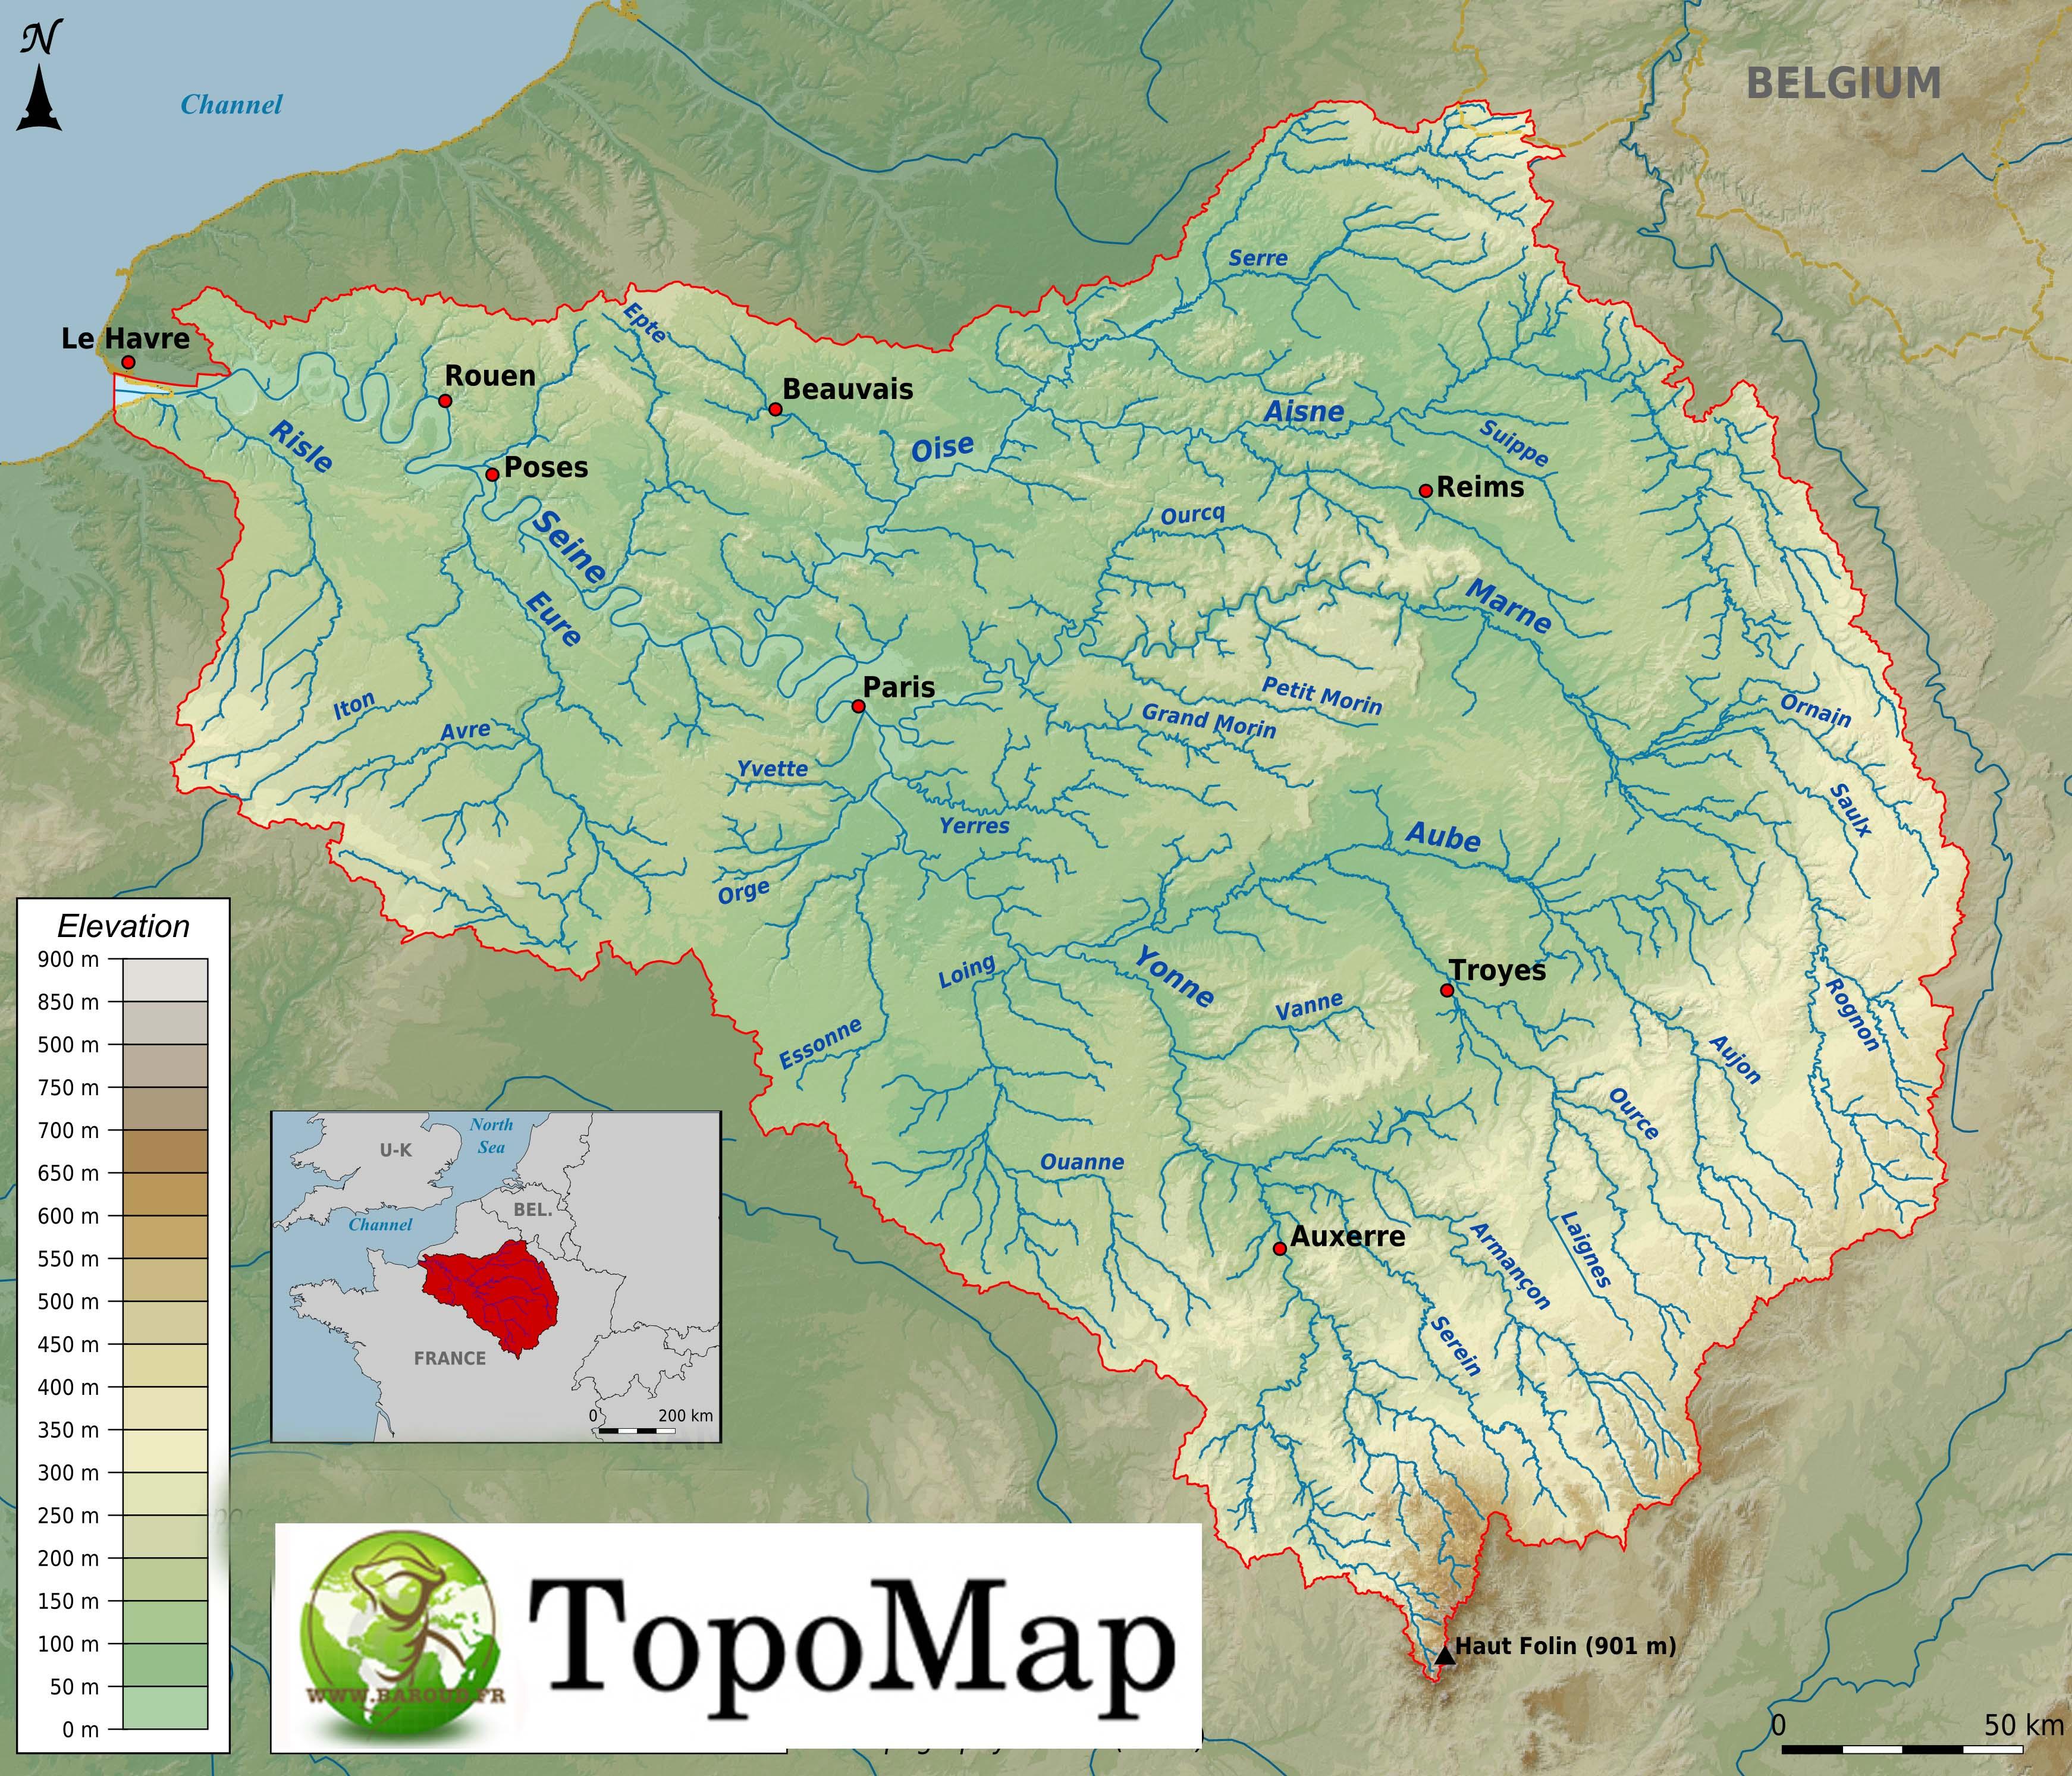 CARTE TOPO MAP GARMIN BELGIQUE